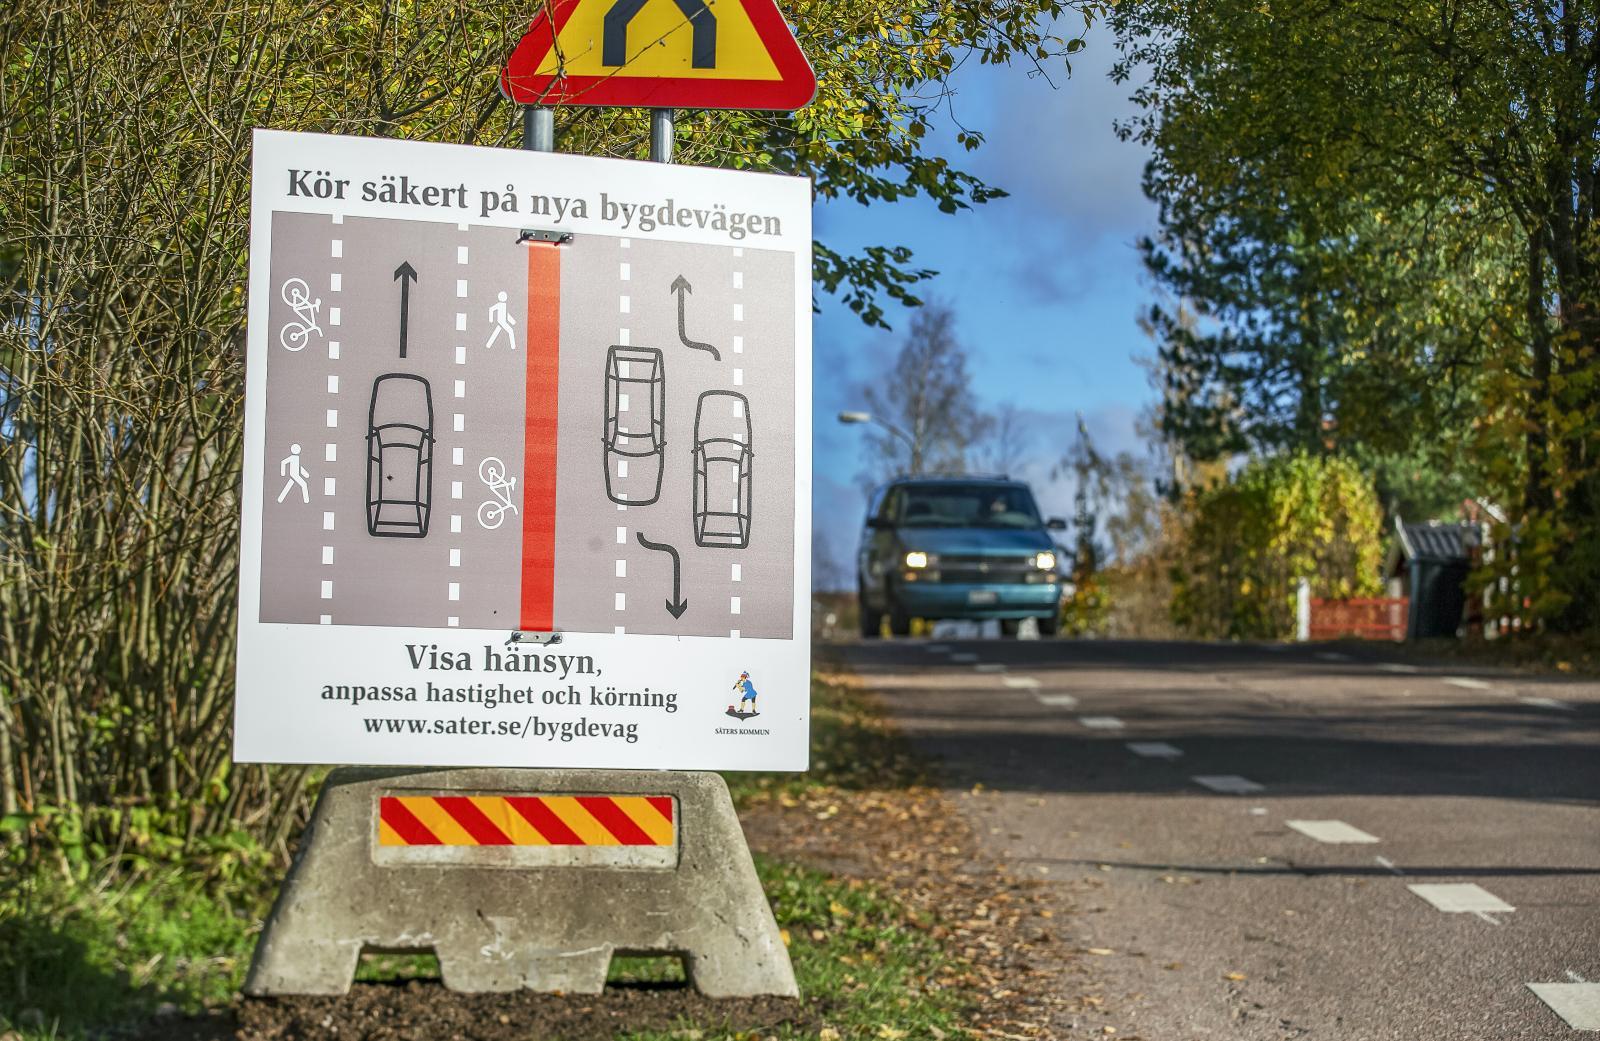 Speciell skylt på Morbyvägen i Gustafs. Säters kommun vill förtydliga hur man ska köra på den nya bygdevägen. Glasklart?